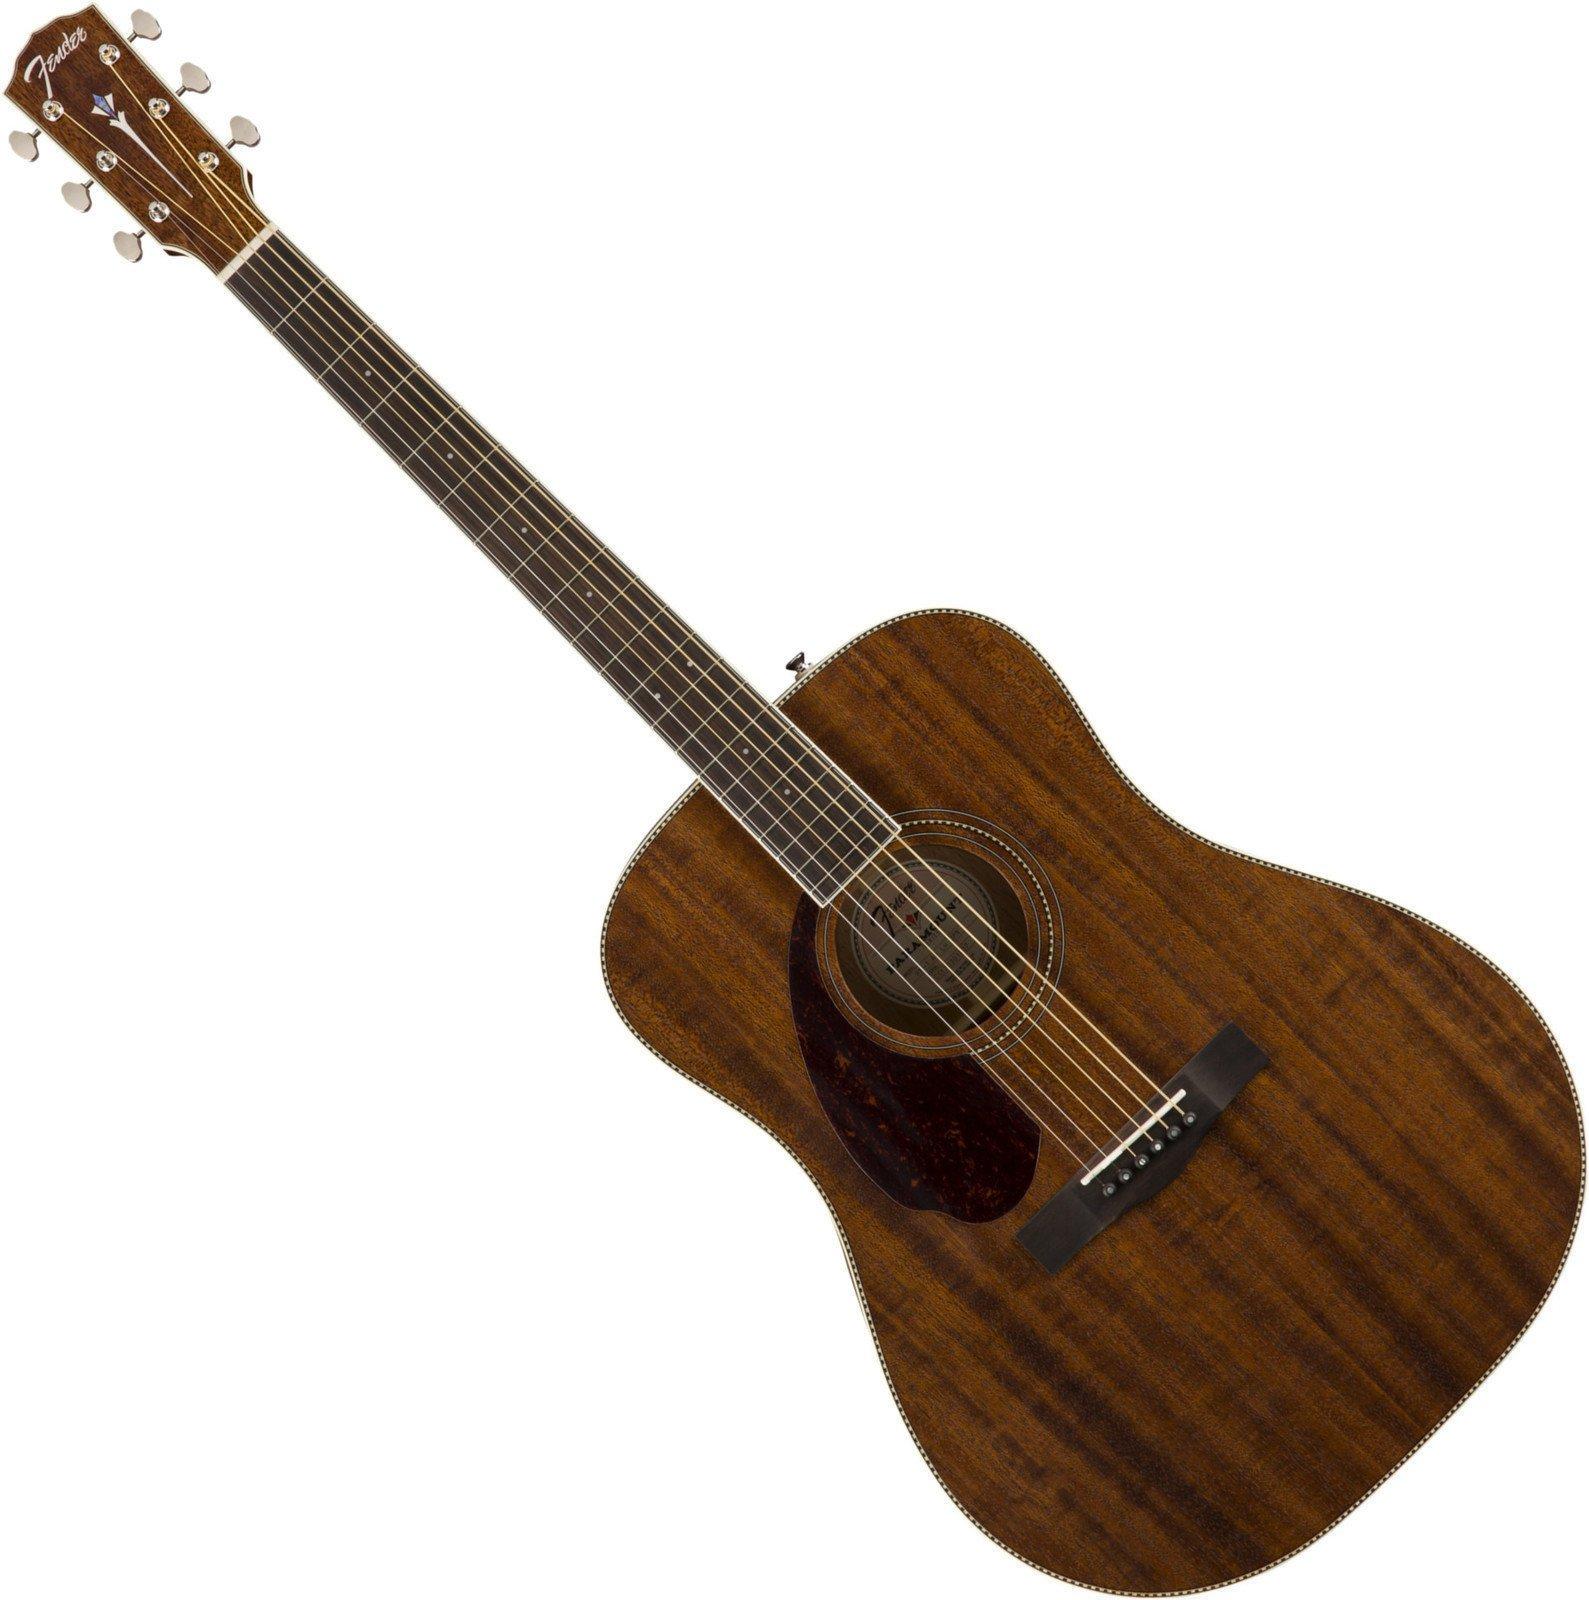 Fender Paramount PM1 Dreadnought OV All Mahogany LH Fender